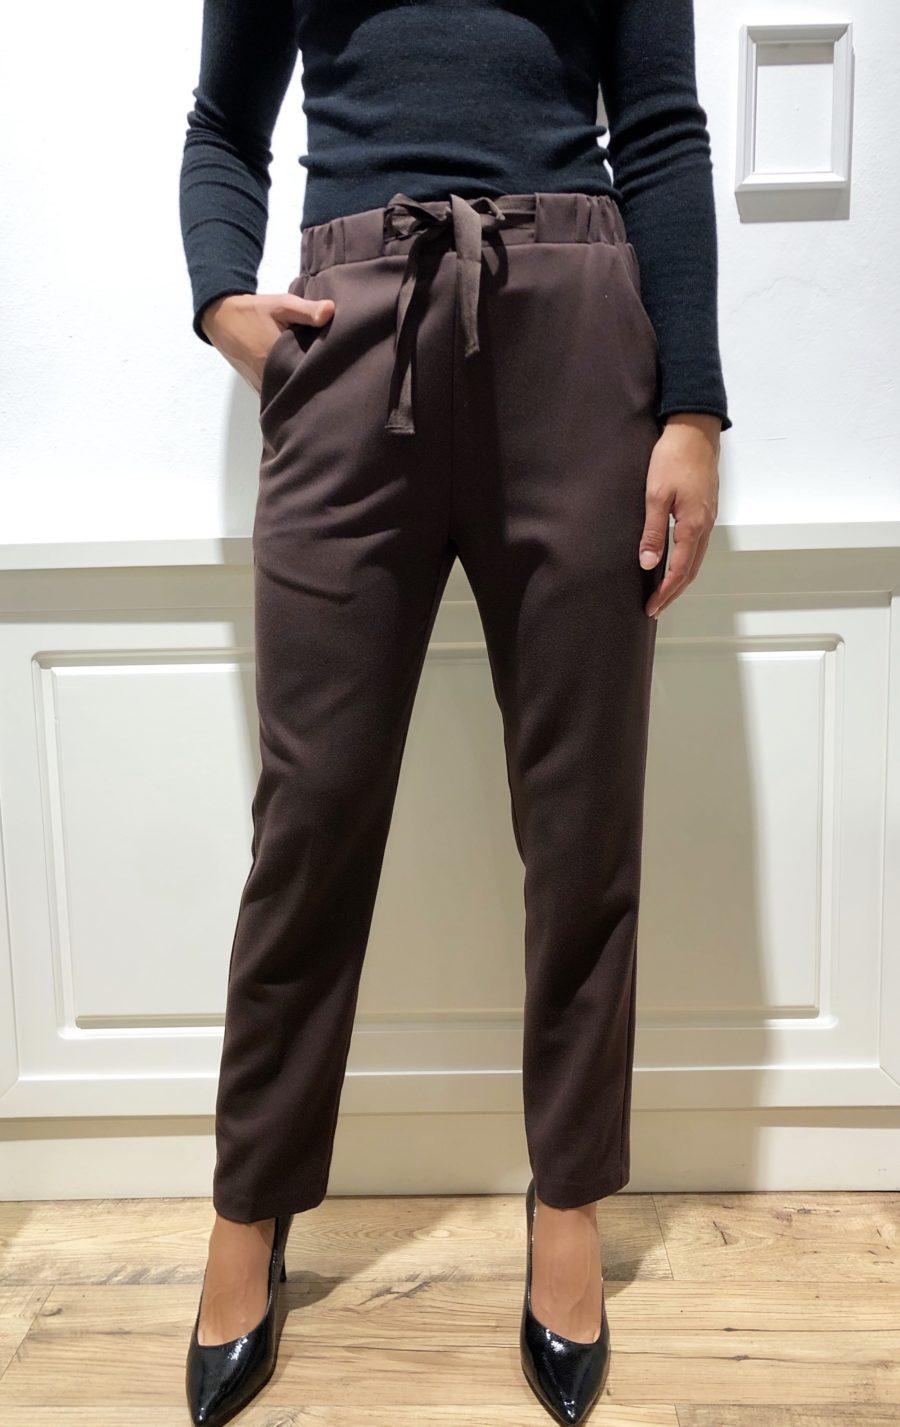 Pantaloni marroni con fiocco